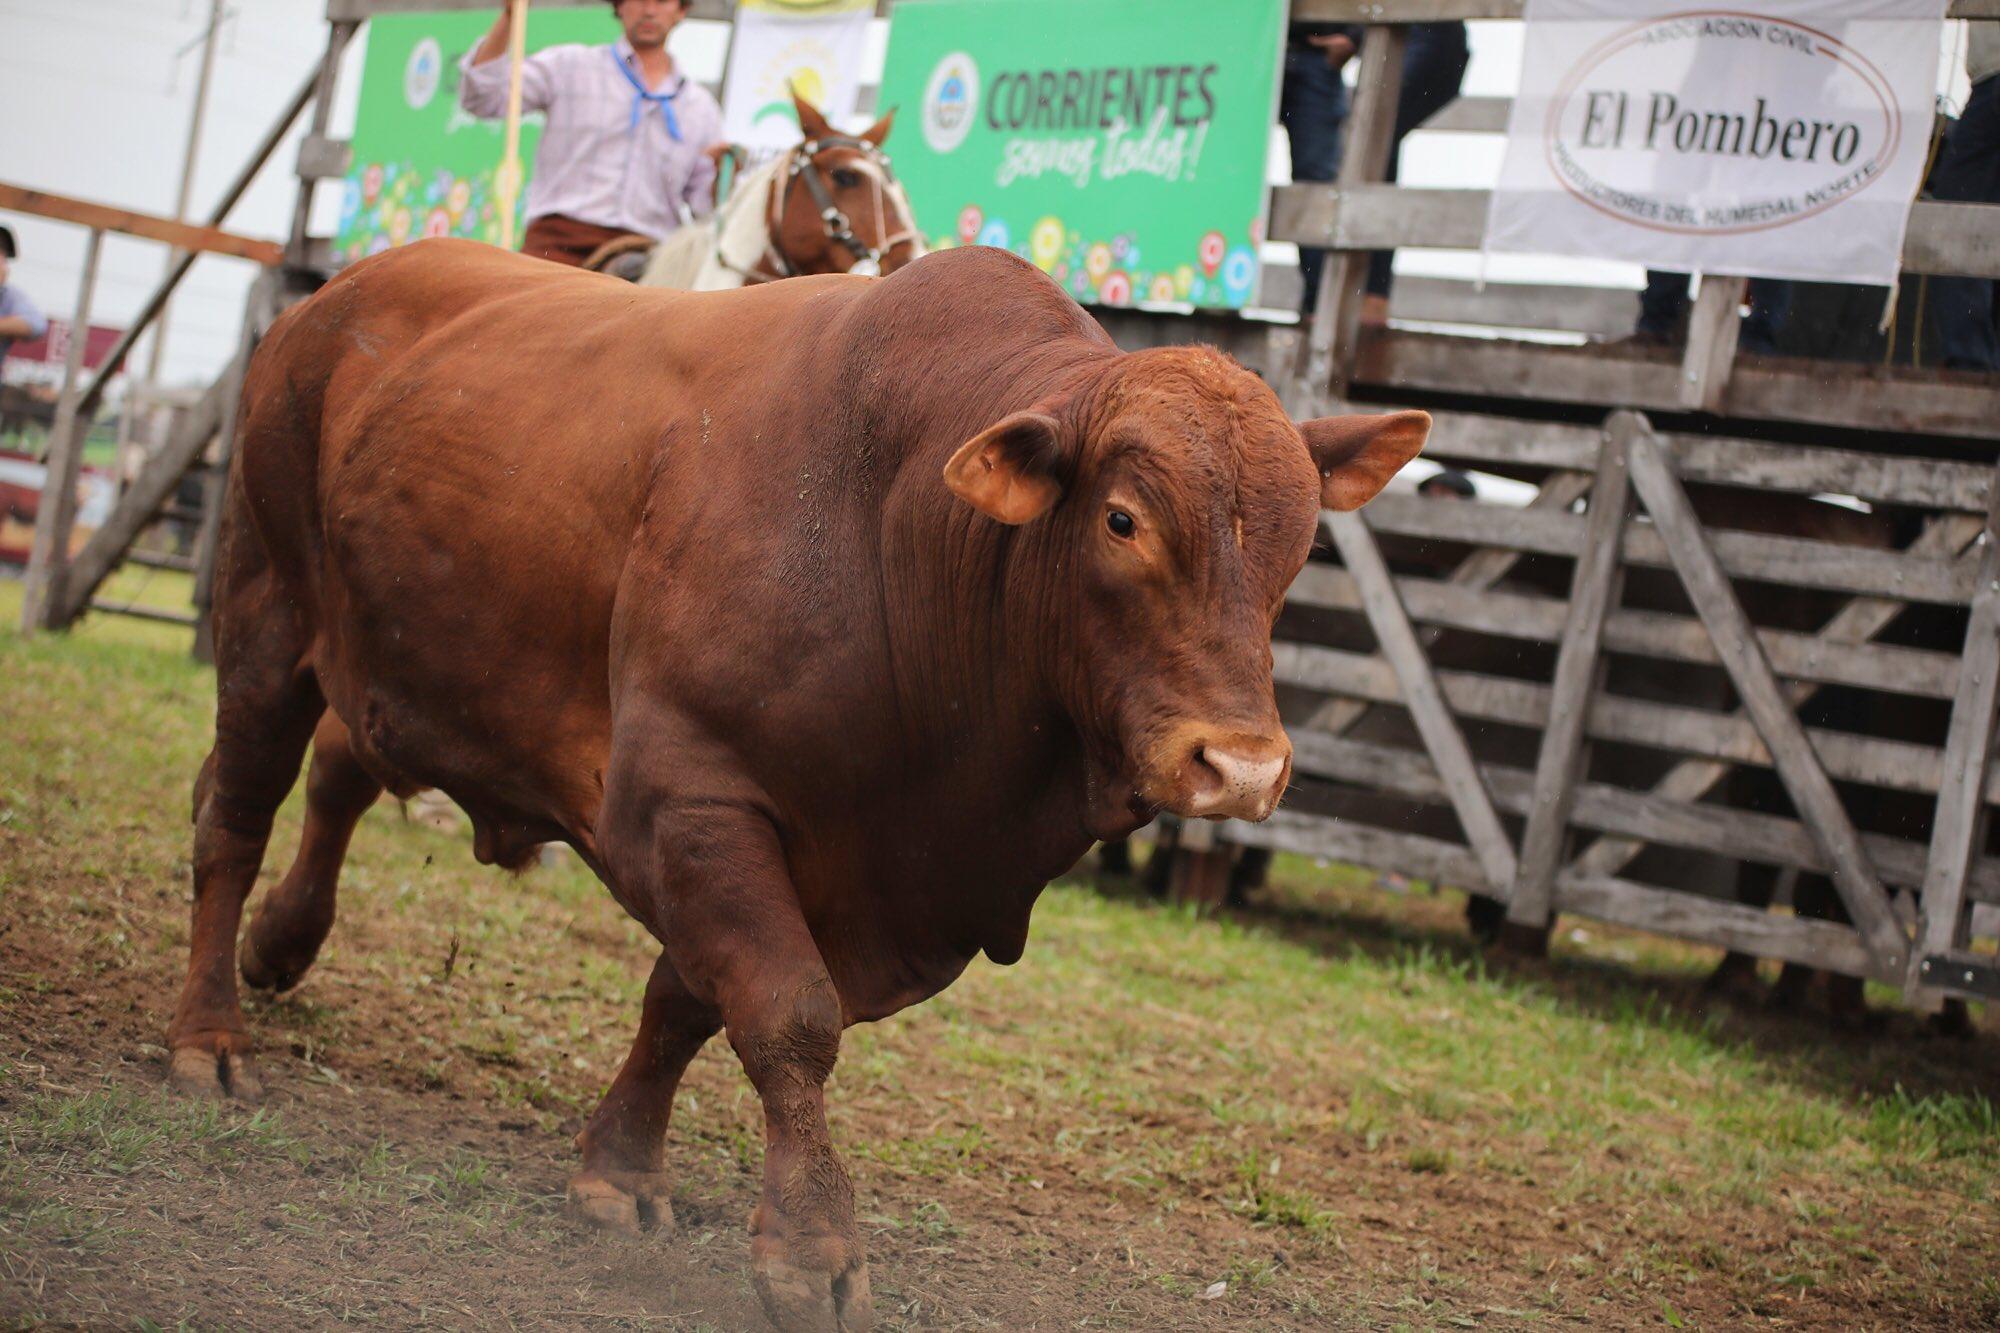 El Gobernador Gustavo Valdés encabezó el 1° Remate Ganadero de Primavera